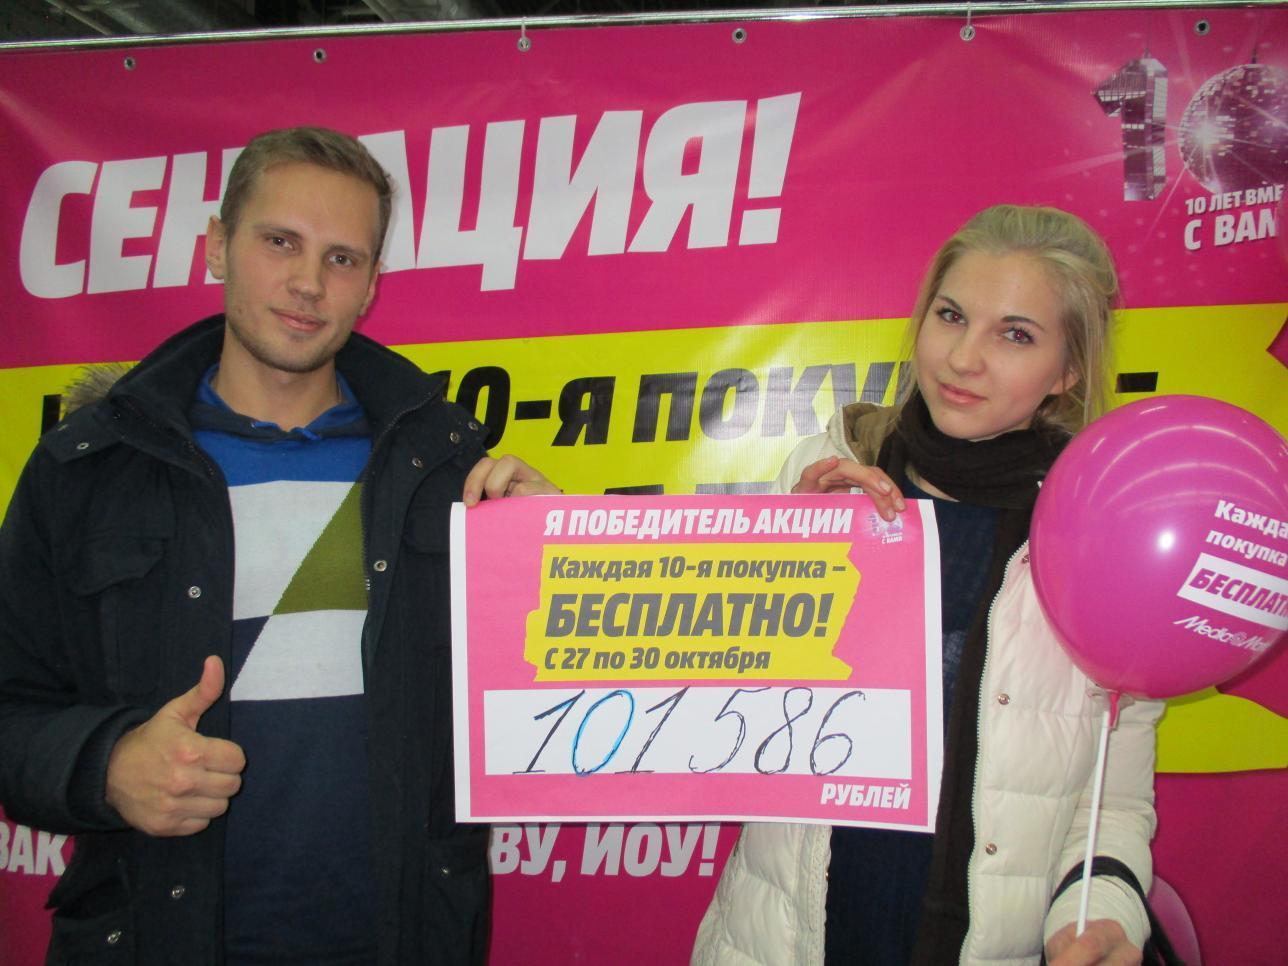 """Победитель акции """"Каждая 10-я покупка - БЕСПЛАТНО!"""""""